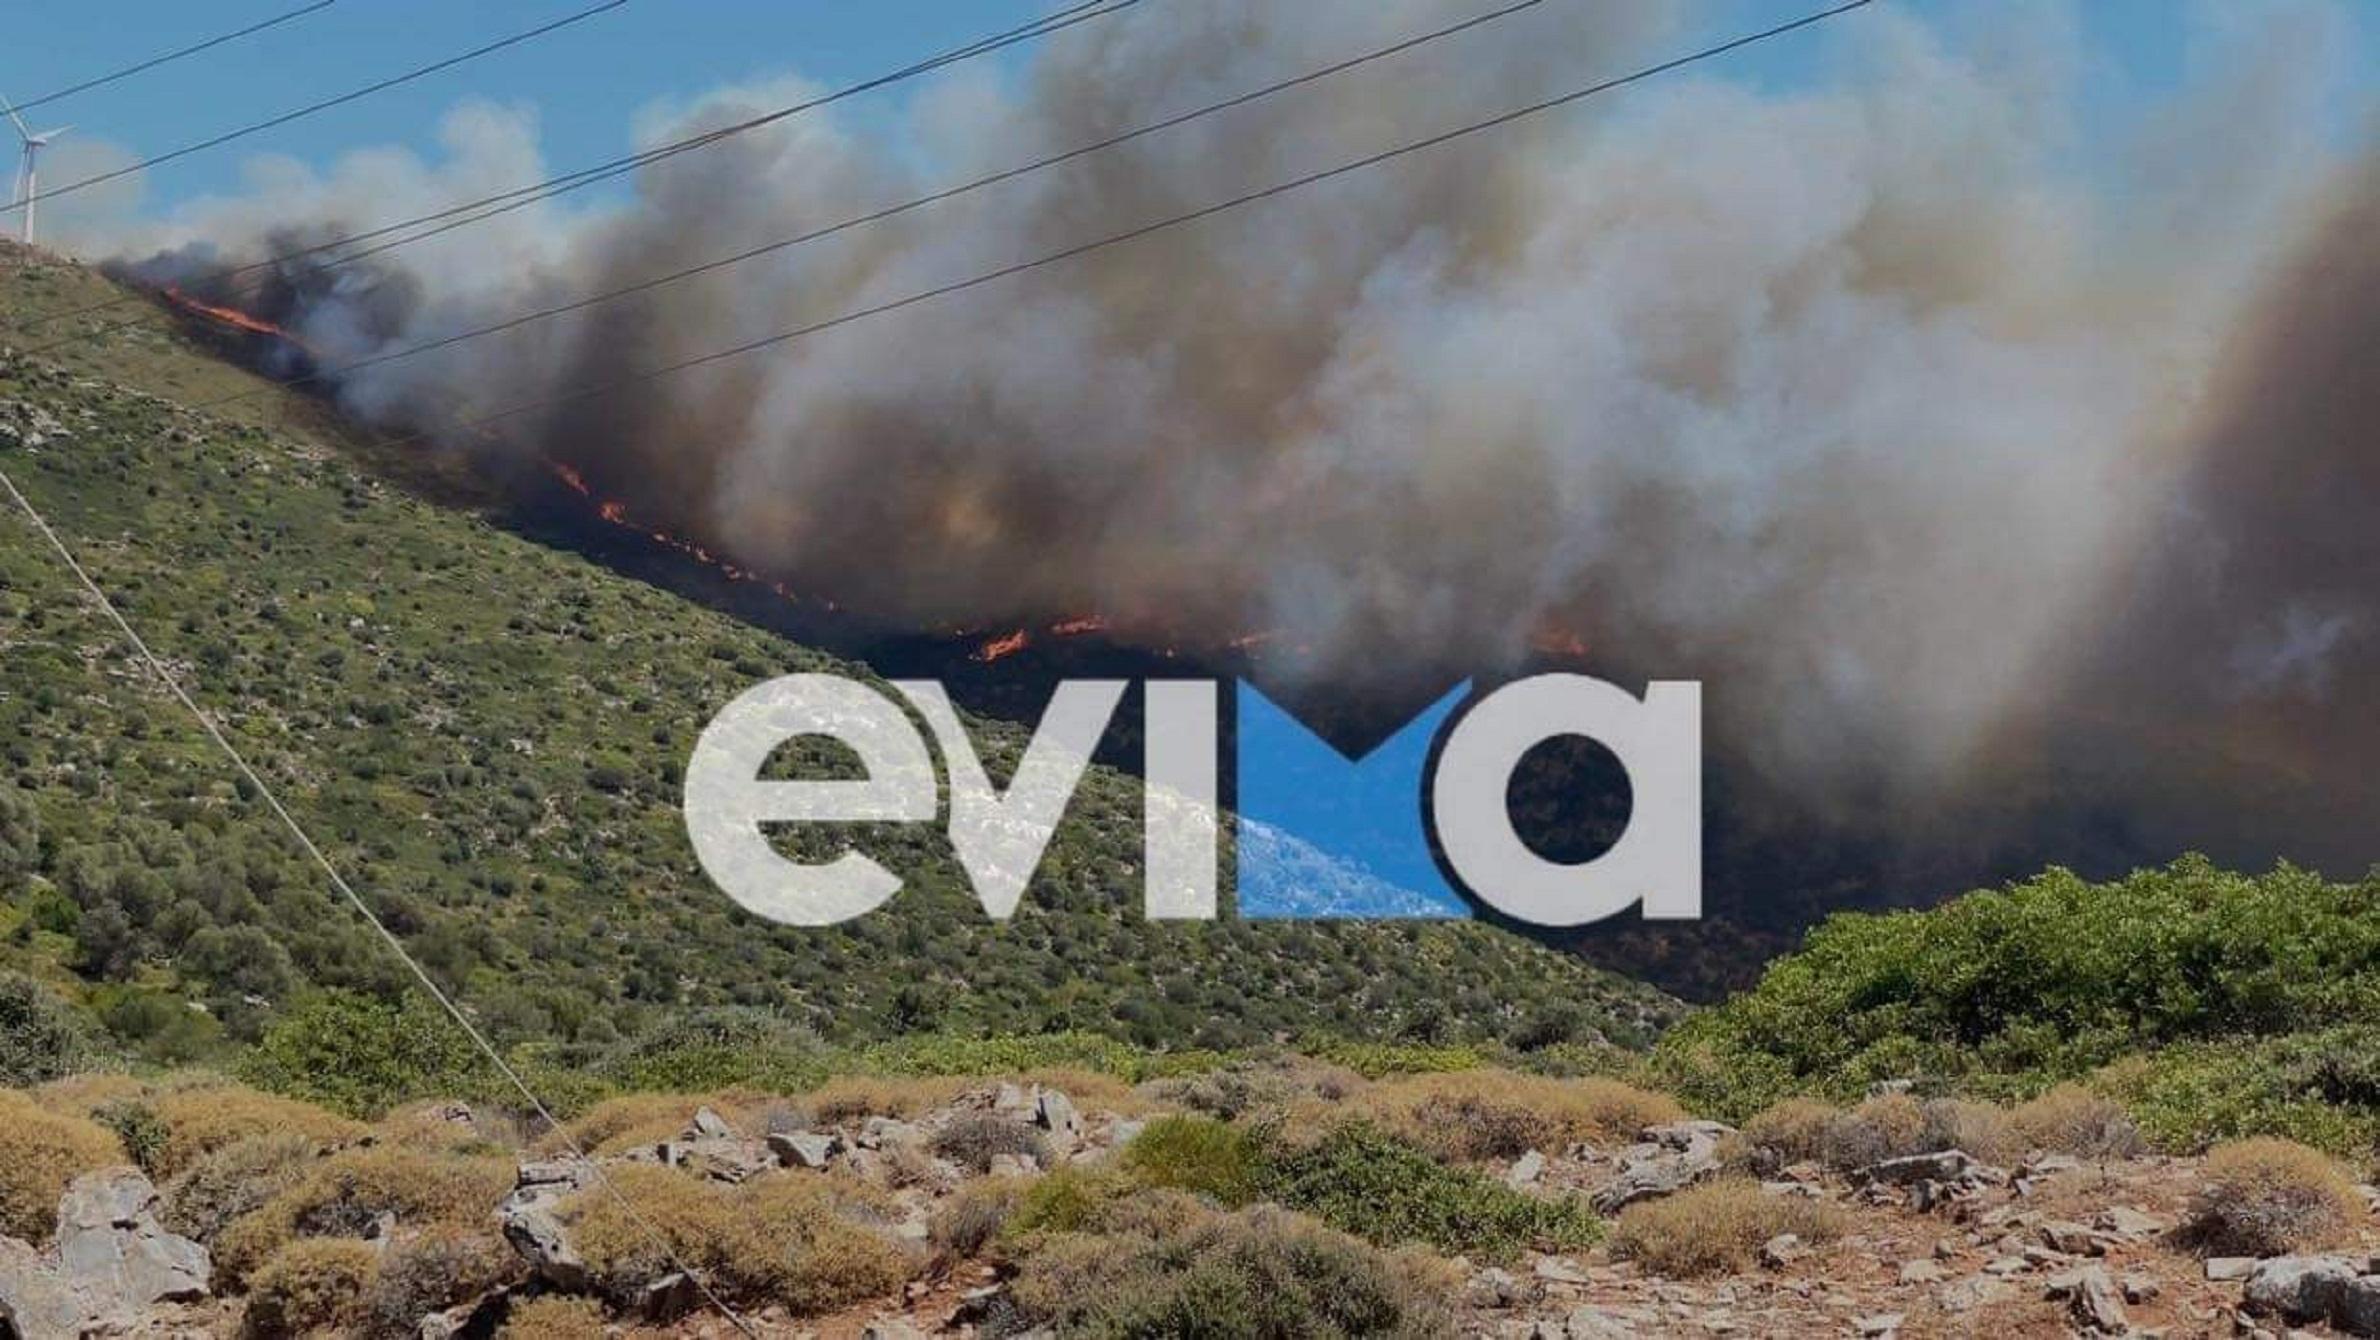 Φωτιά στην Εύβοια: Με πόσα χιλιόμετρα «ταξίδεψε» ο καπνός στην Αττική